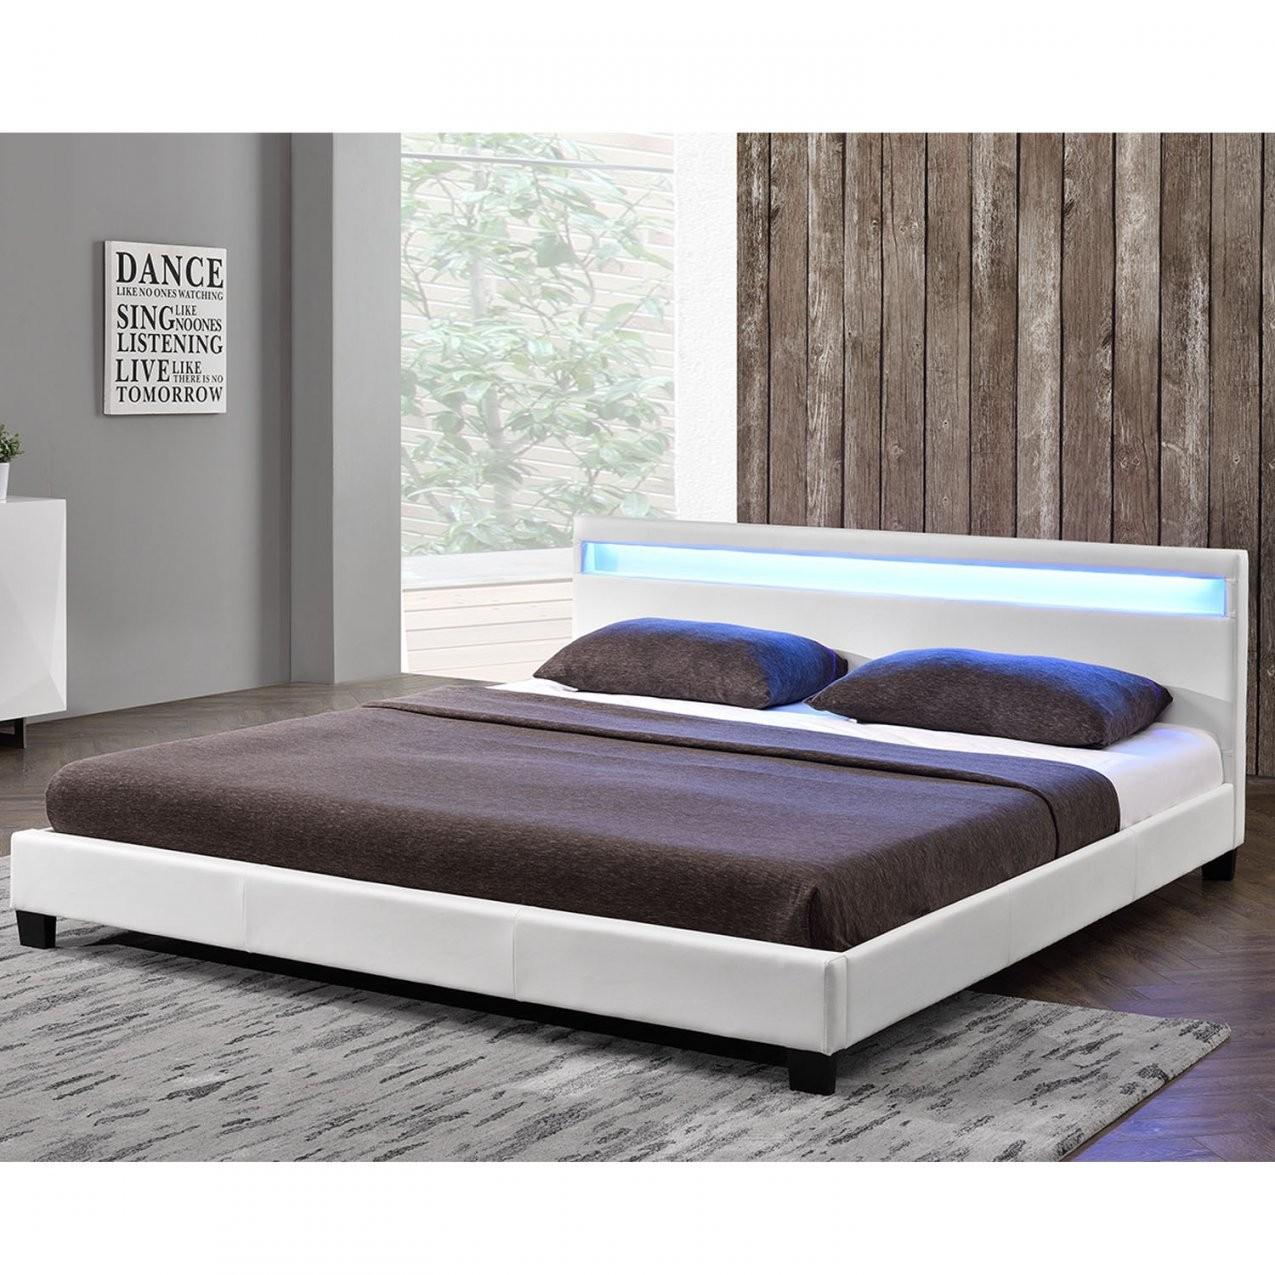 Polsterbetten Günstig Online Kaufen  Real von Bett Mit Led 140X200 Bild